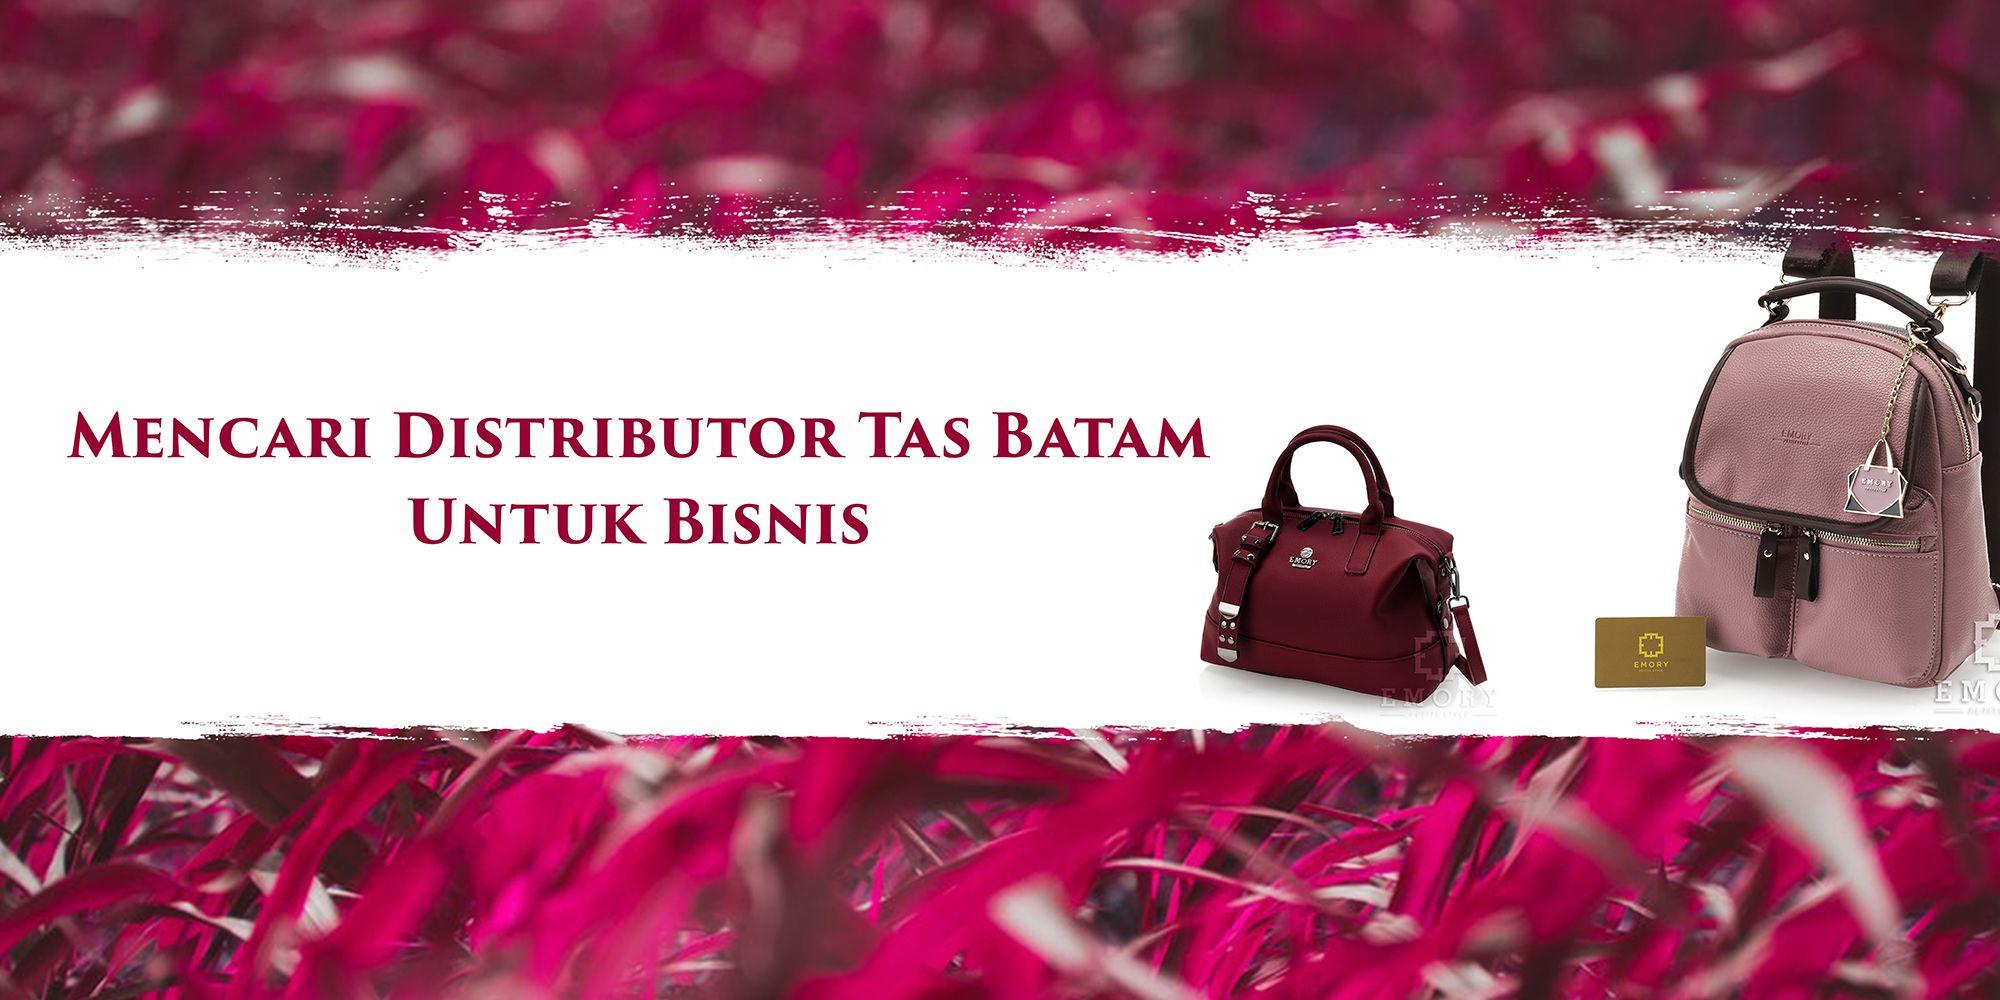 Mencari Distributor Tas Batam Untuk Bisnis - Memulai dan ...